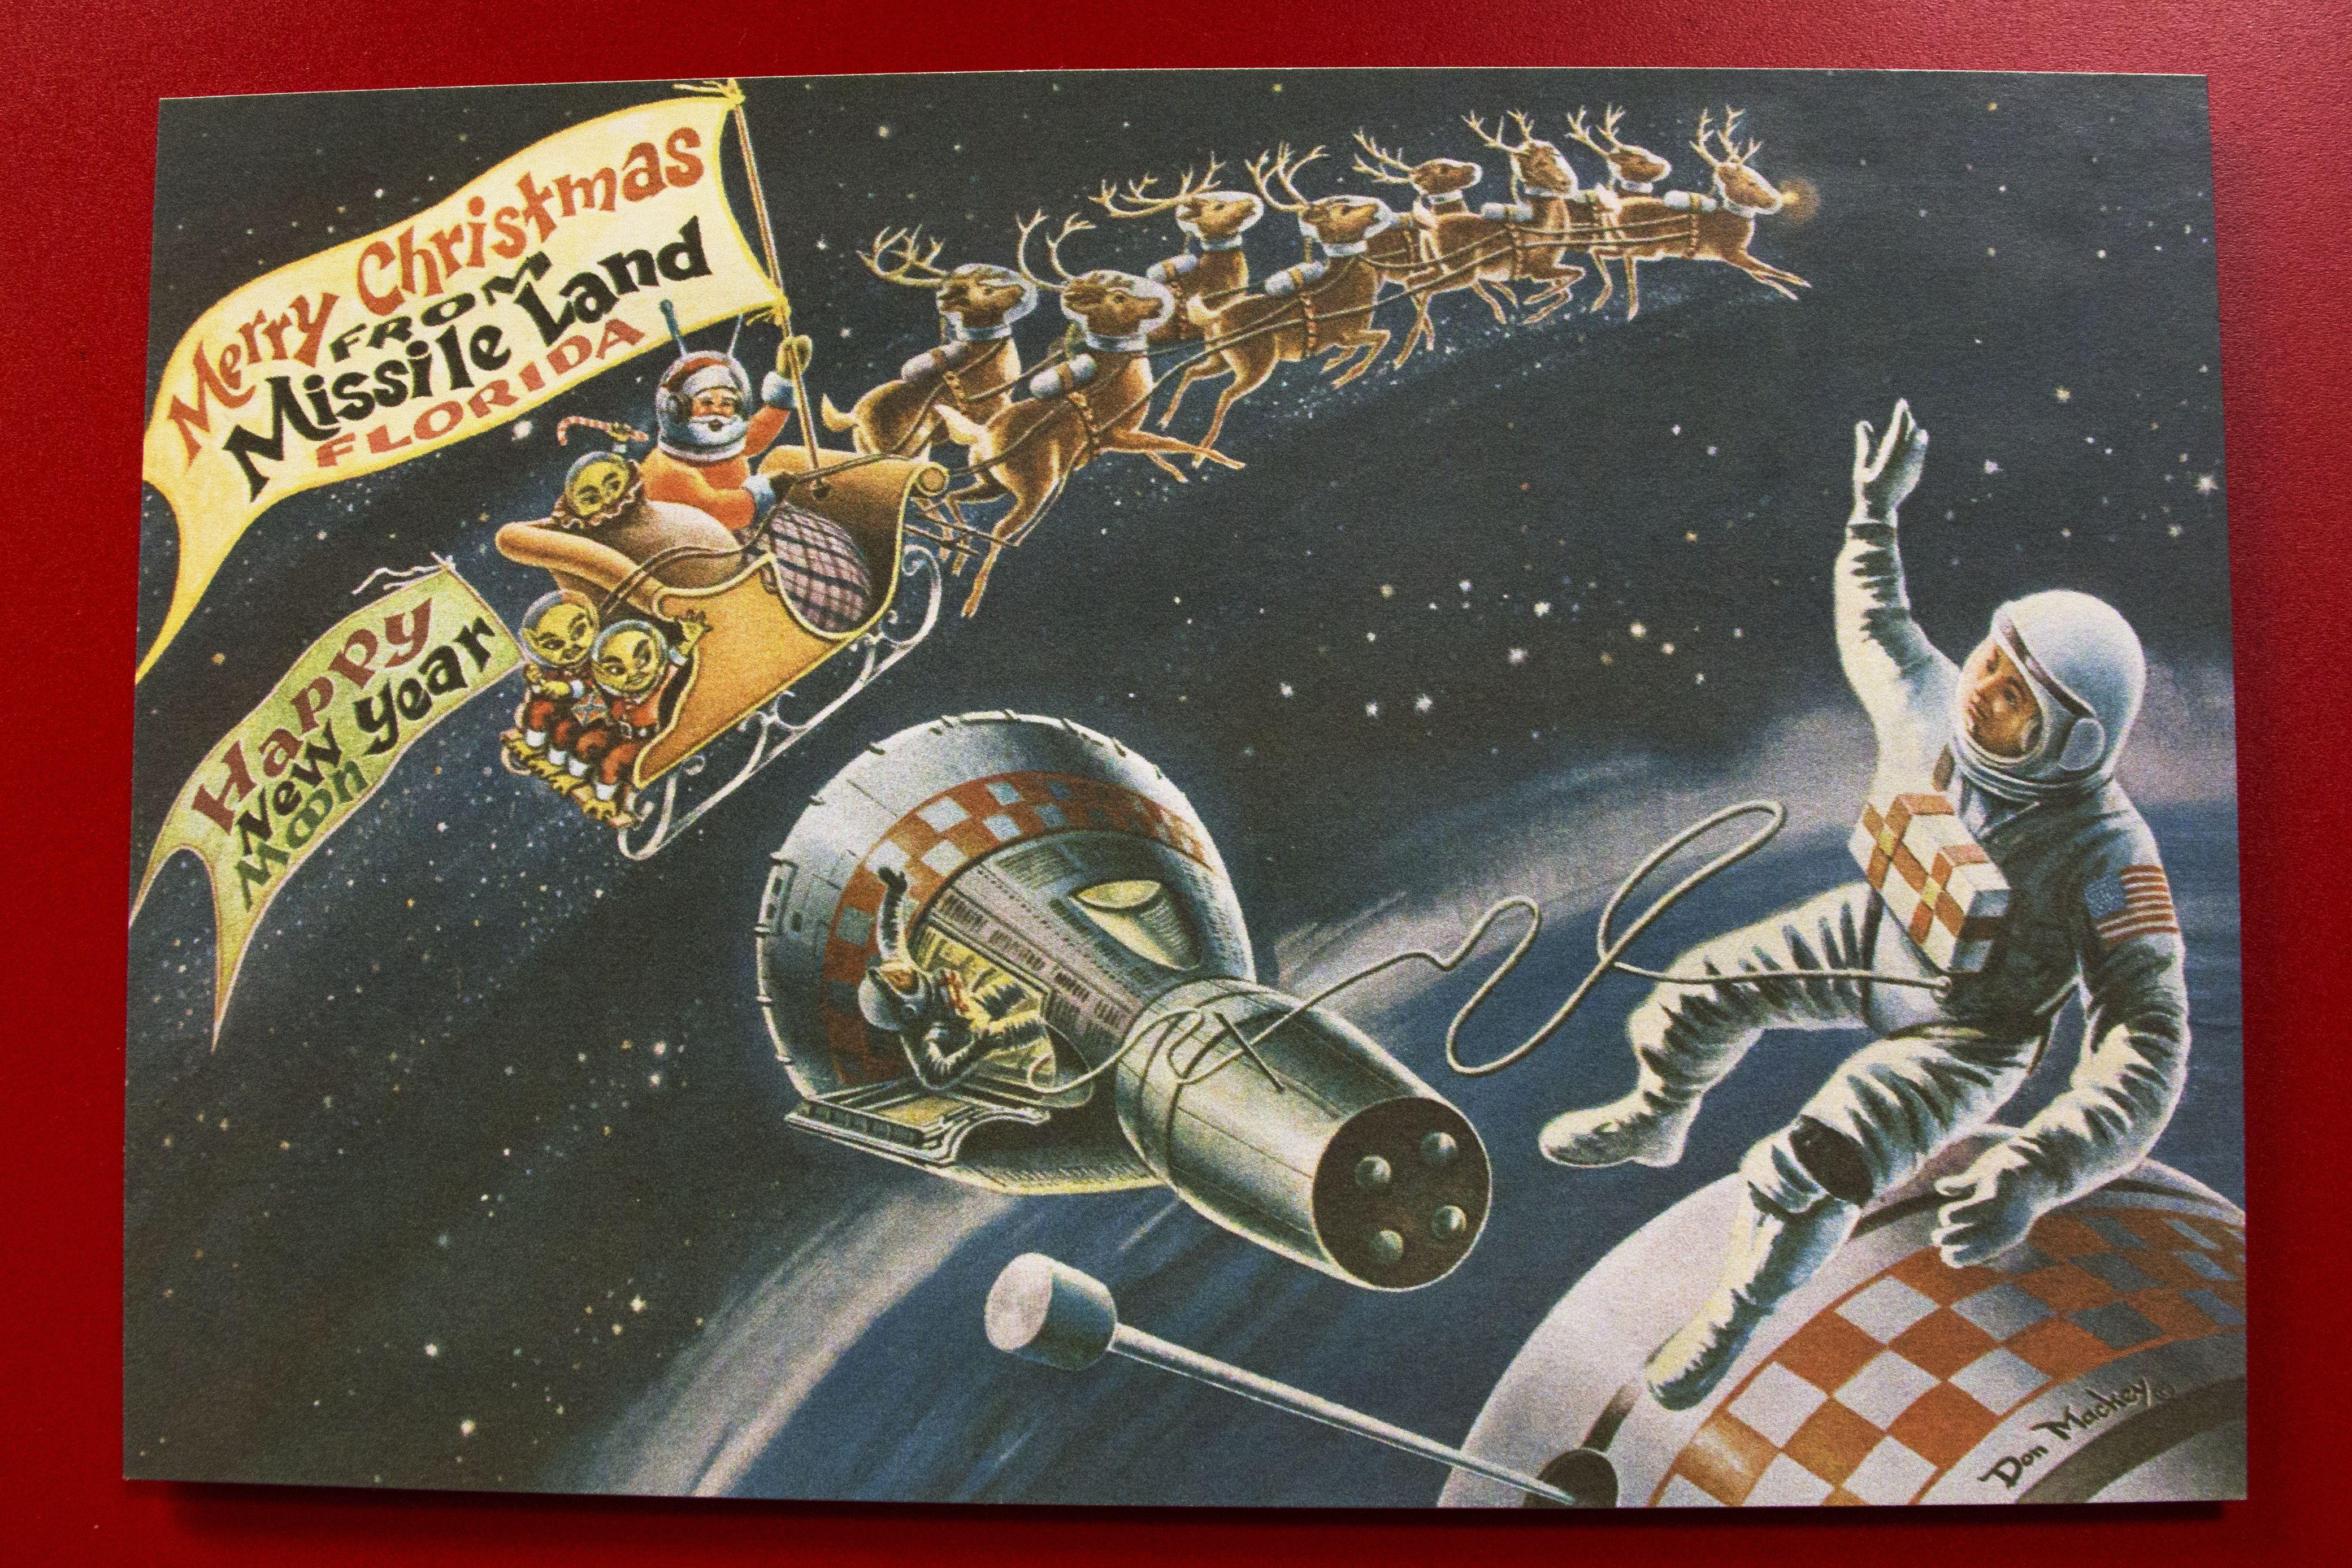 vintage mailman christmas Google Search Christmas card